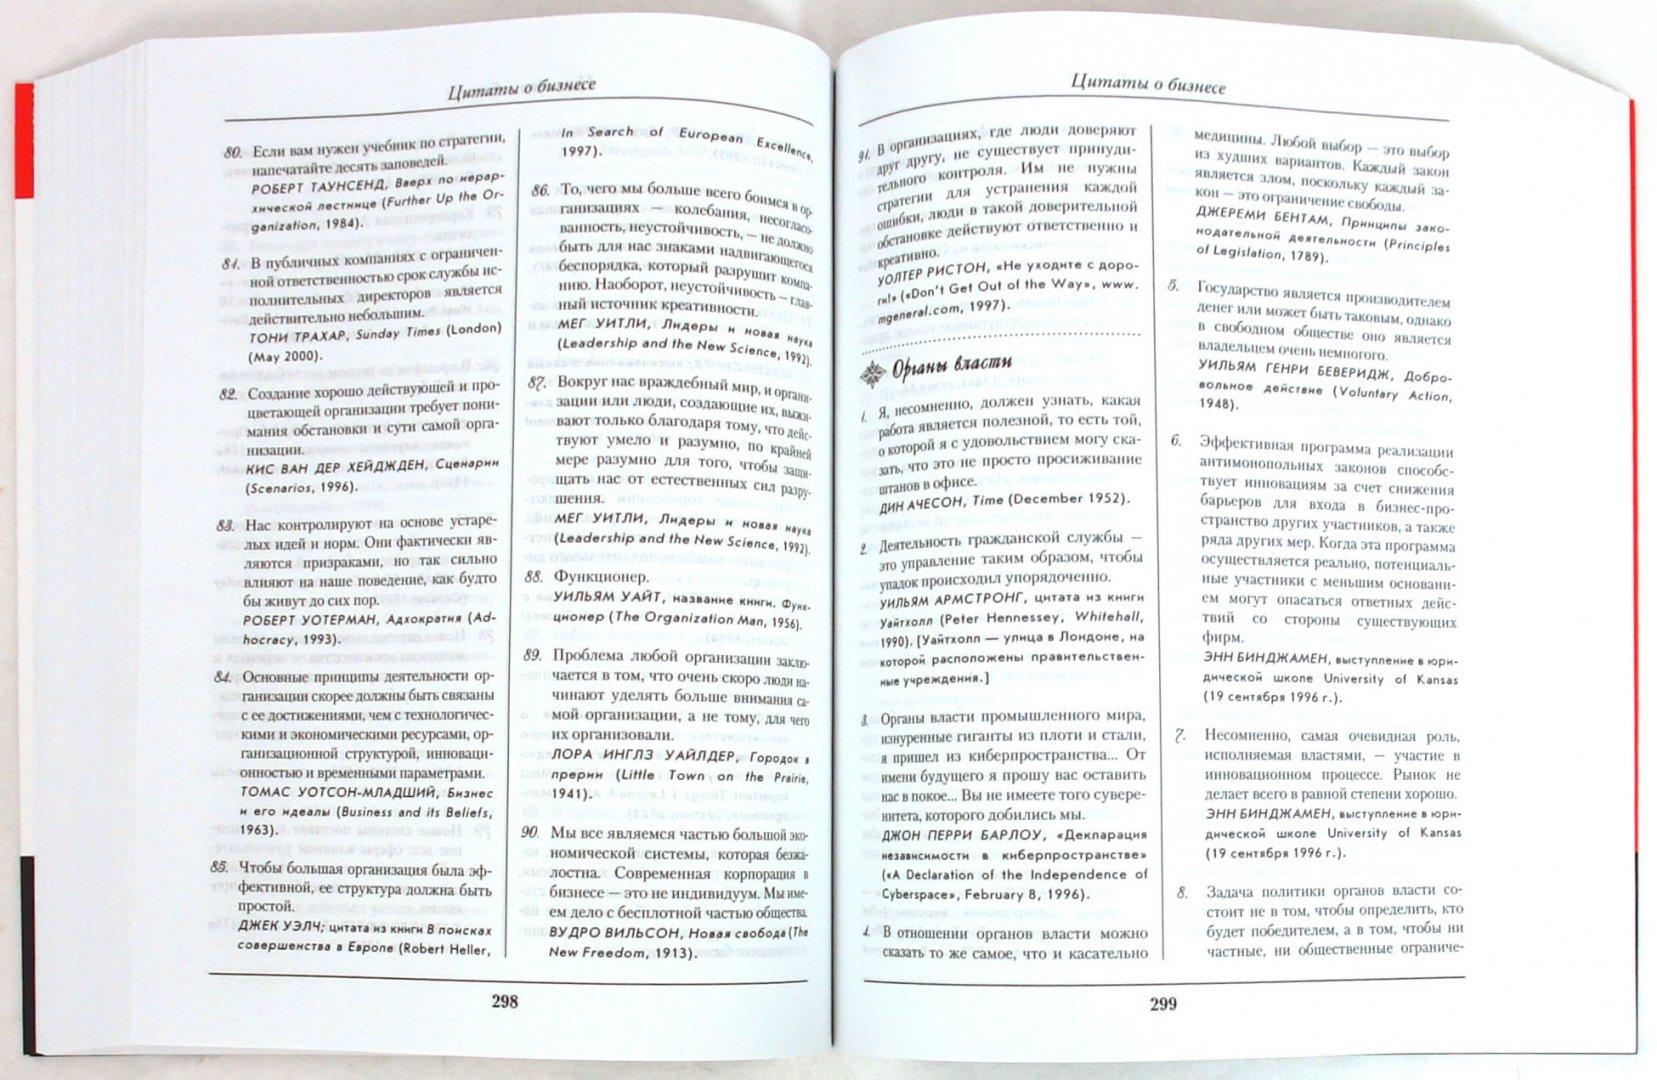 Иллюстрация 1 из 2 для Игры Большого Бизнеса. 5000 цитат о бизнесе, менеджменте и финансах | Лабиринт - книги. Источник: Лабиринт